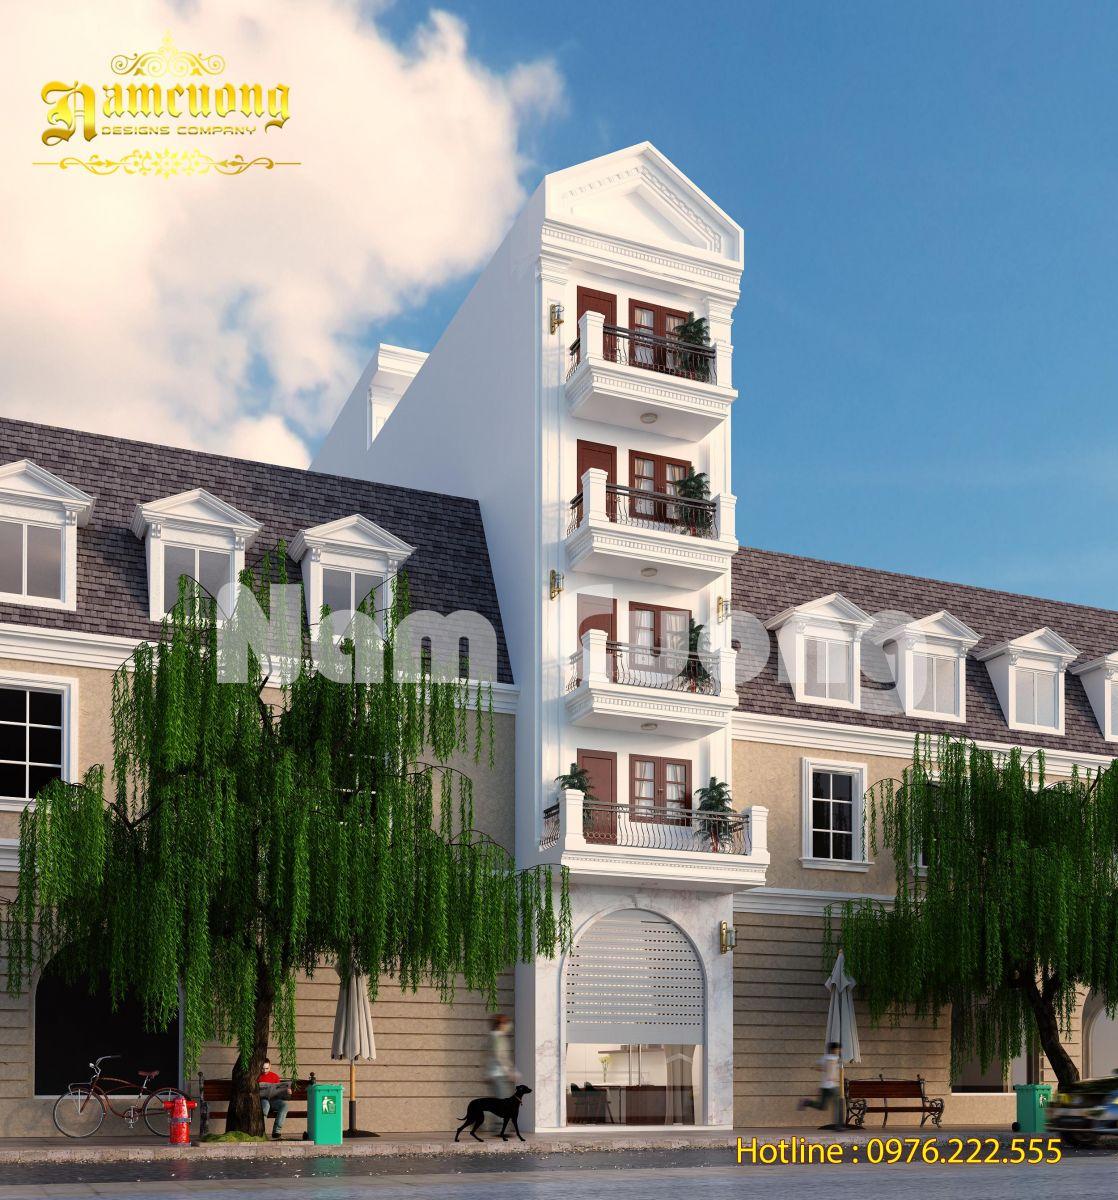 Thiết kế nhà ống ngang 3 tân cổ điển đẹp tại Hà Nội